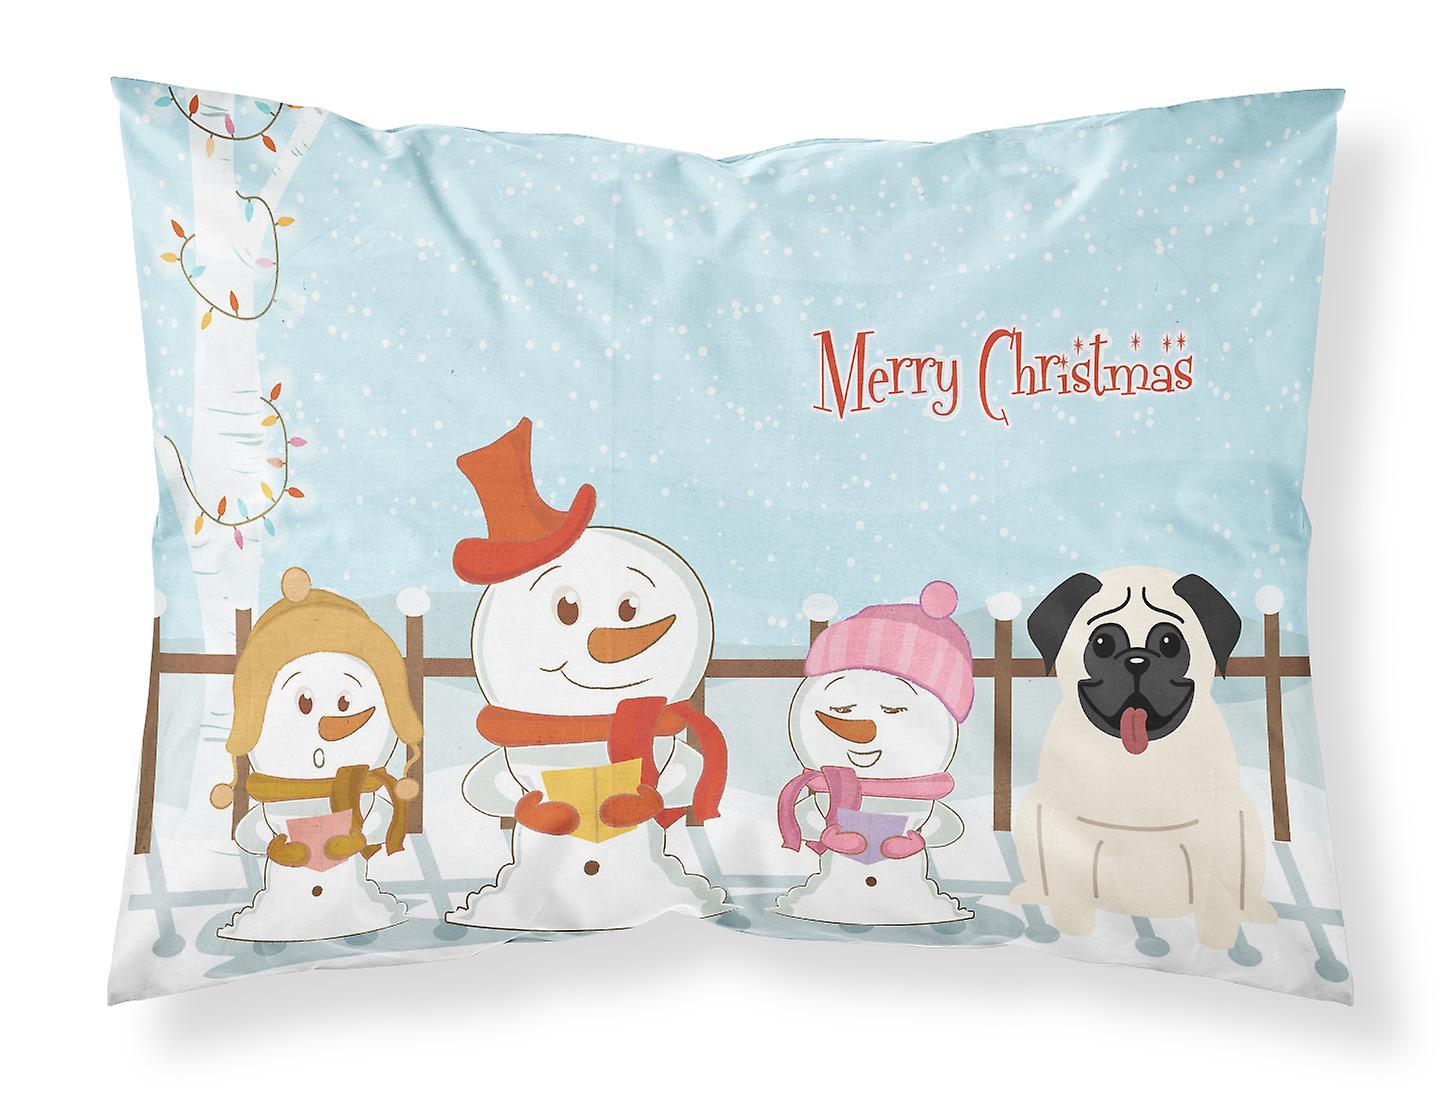 Chanteurs D'oreiller Taie Crème Pug Joyeux Noël Standard Tissu vNn80wOm